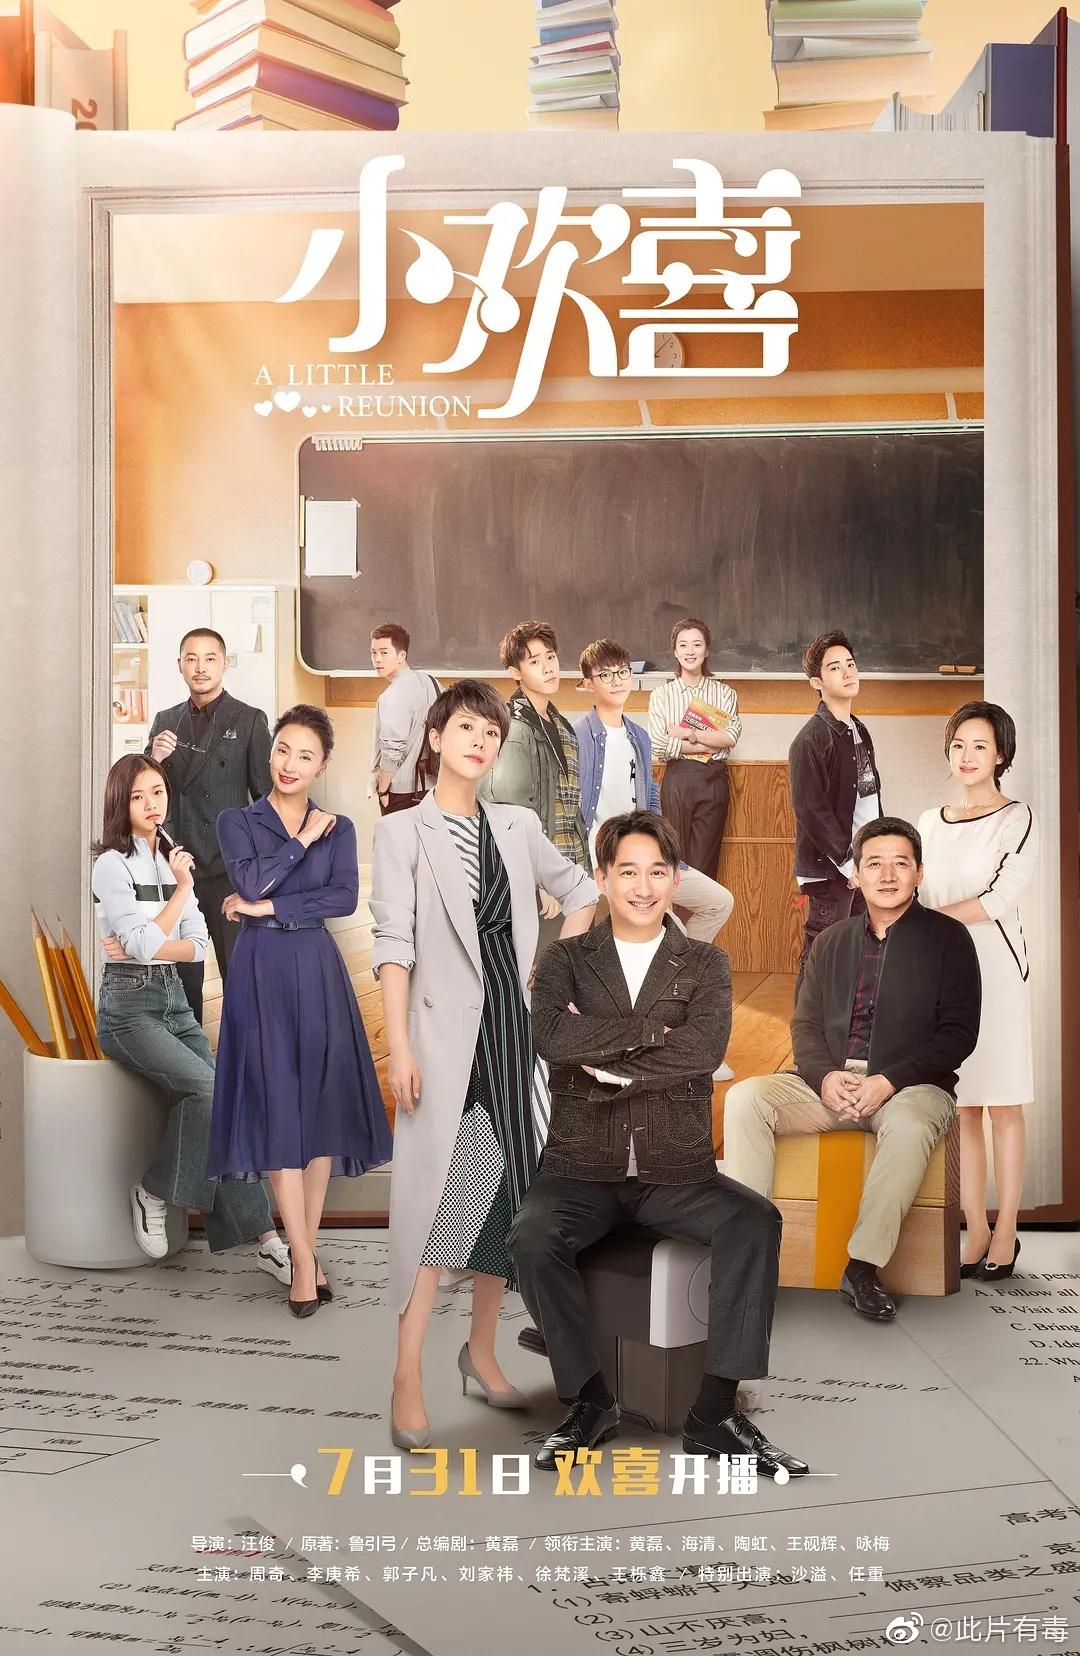 近几年国产讲亲子关系的家庭剧,你最喜欢哪部?